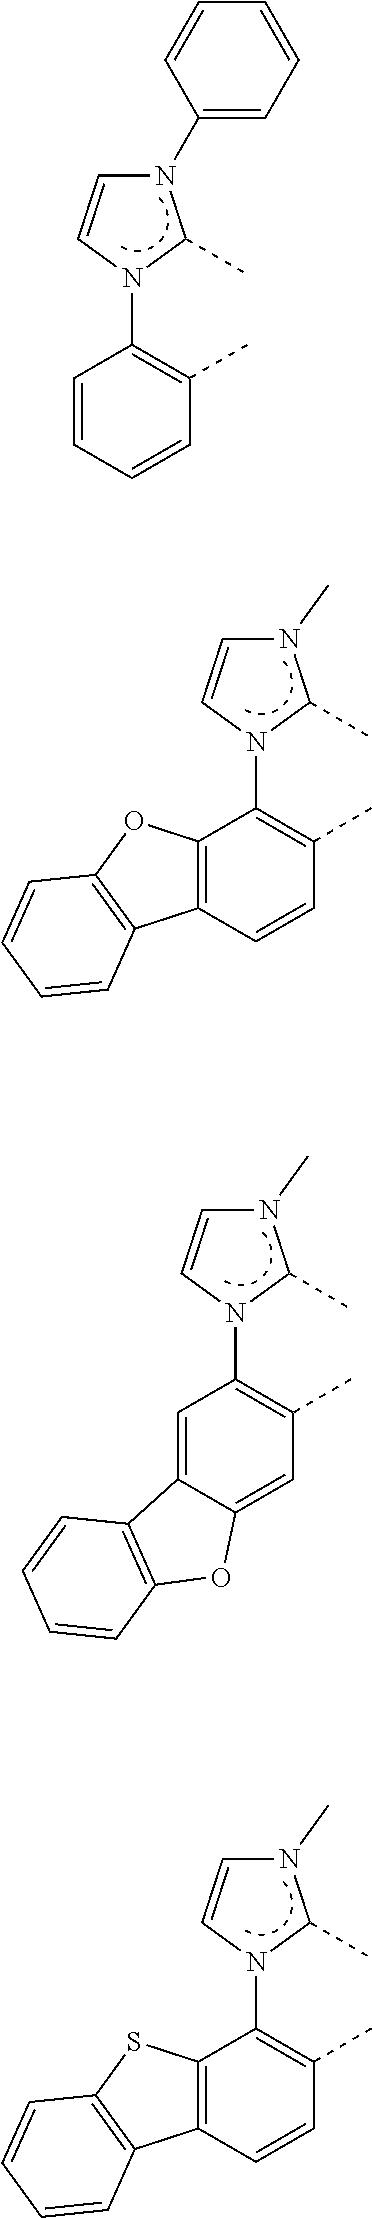 Figure US09773985-20170926-C00274